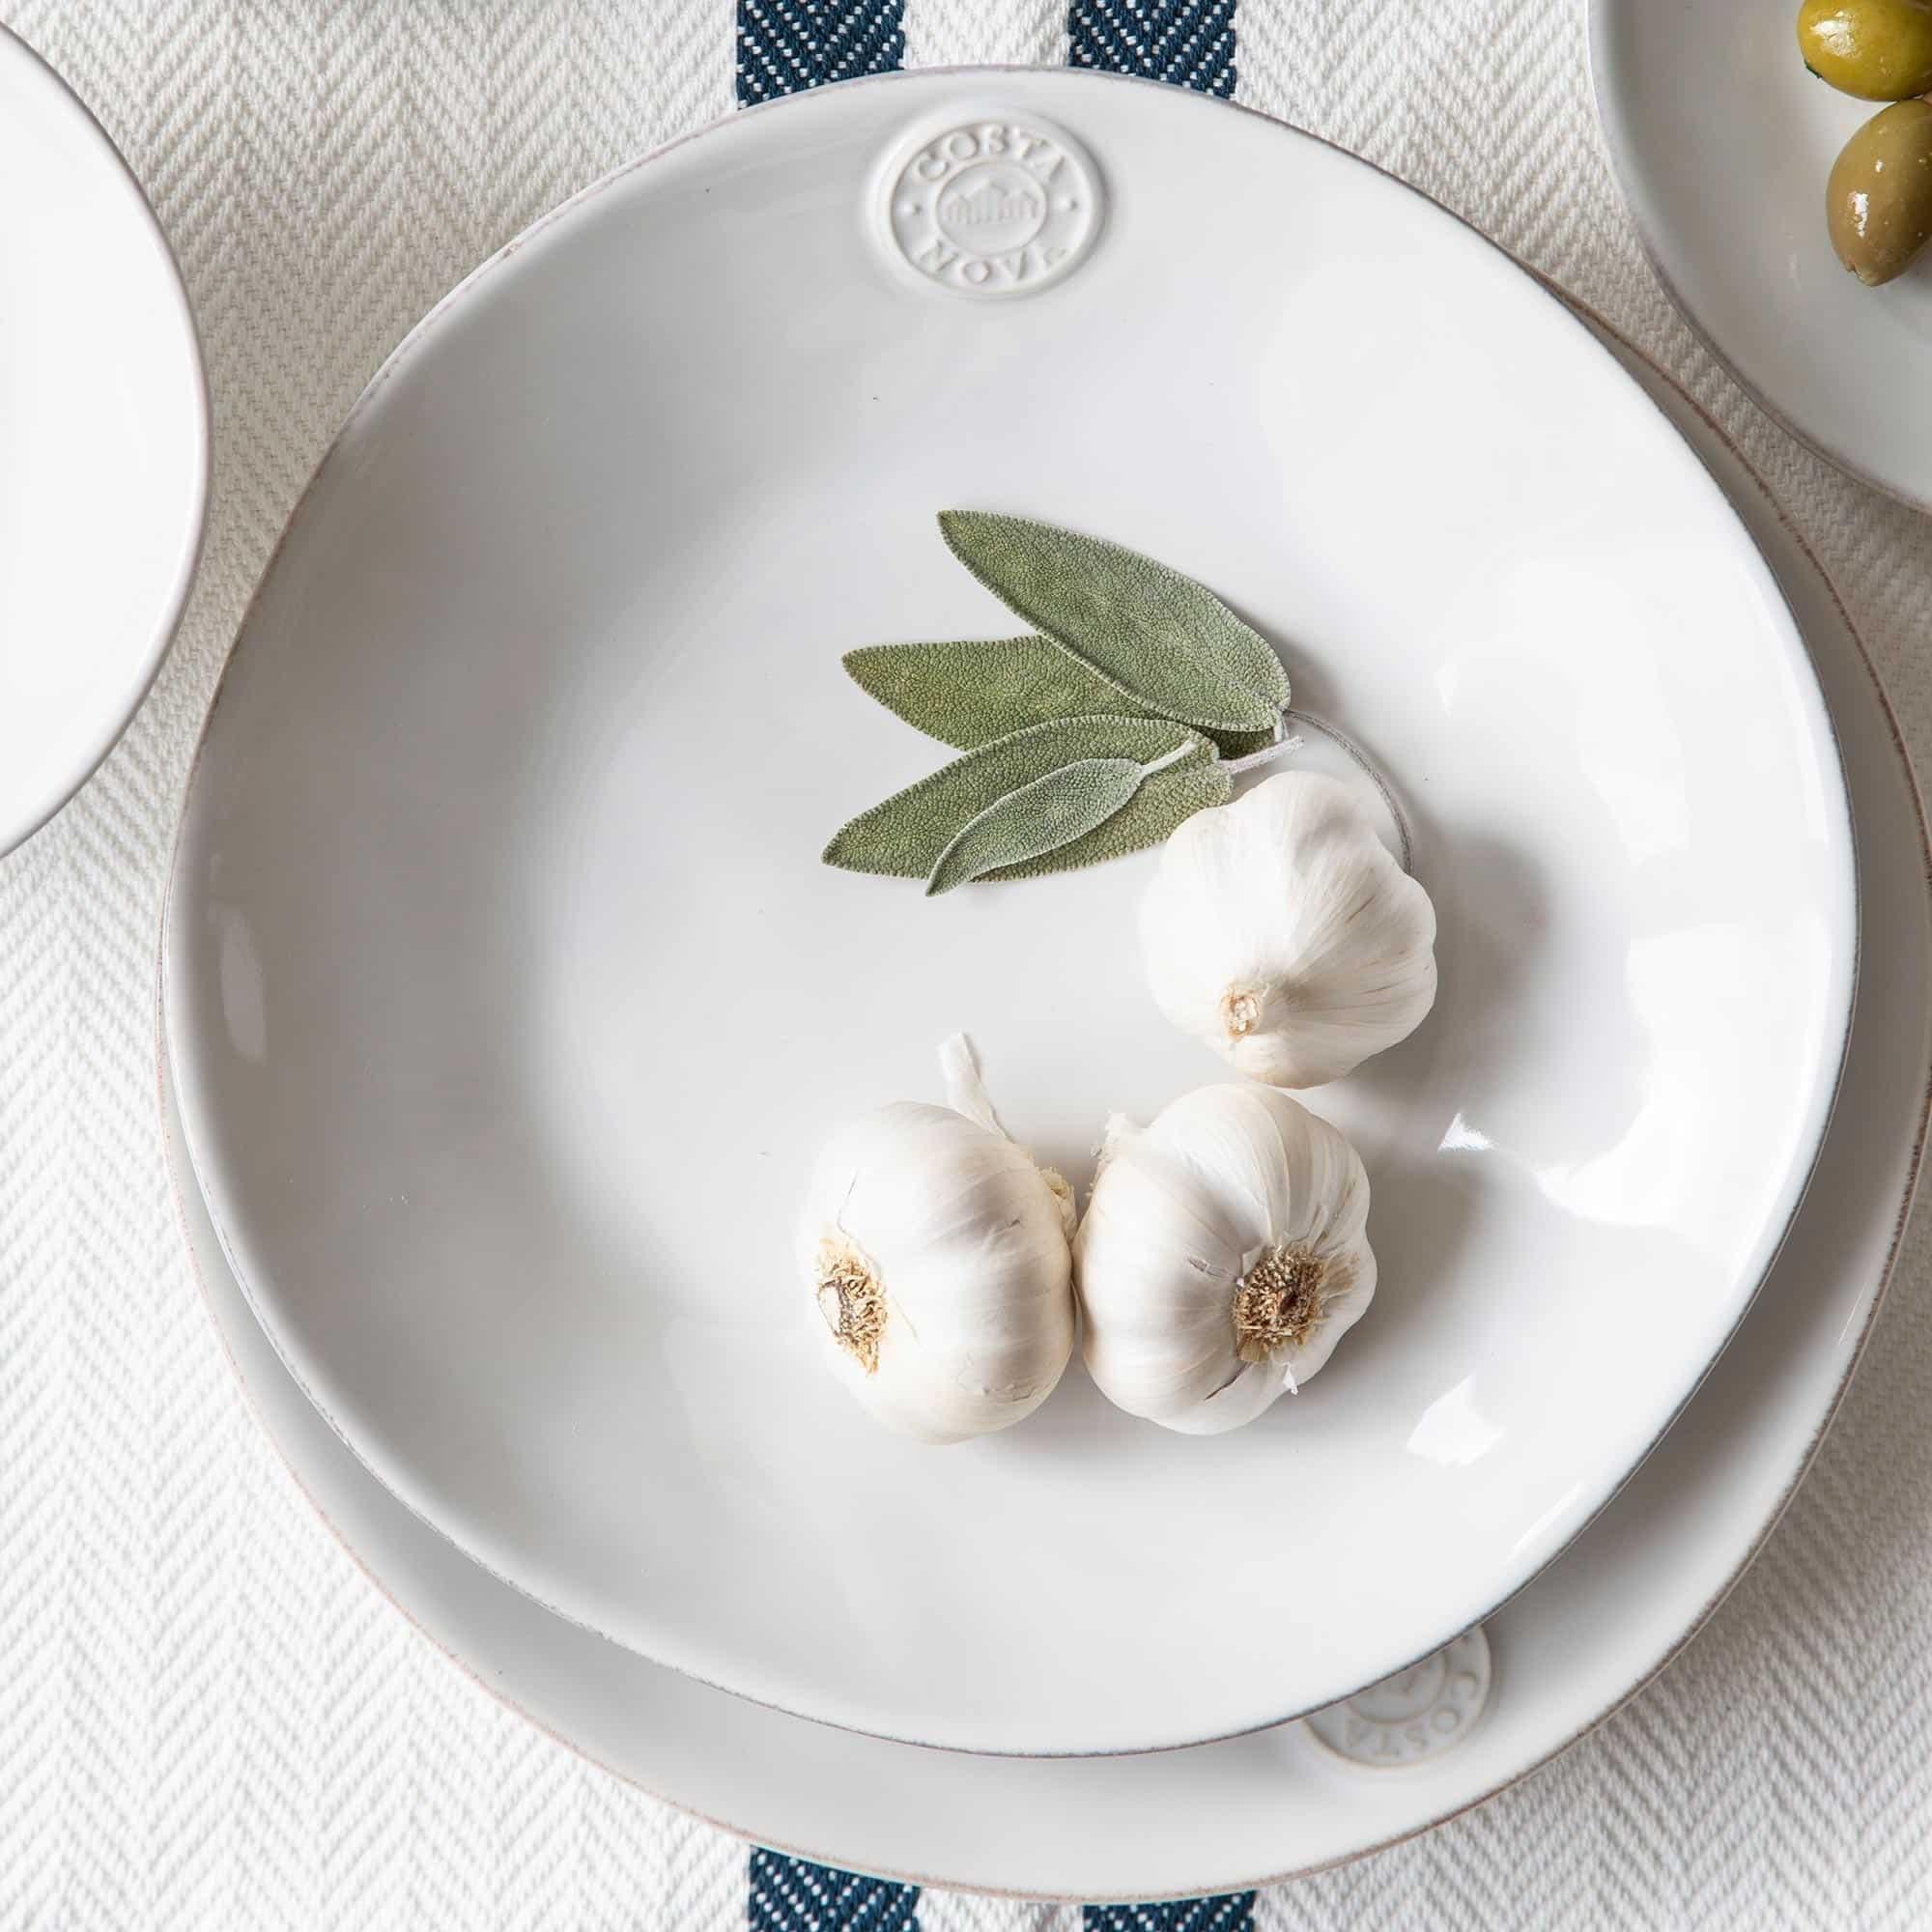 Pastateller aus Steinzeug im mediterranen Look direkt aus Portugal! Entdecke das robuste und pflegeleichte Geschirr von Costa Nova